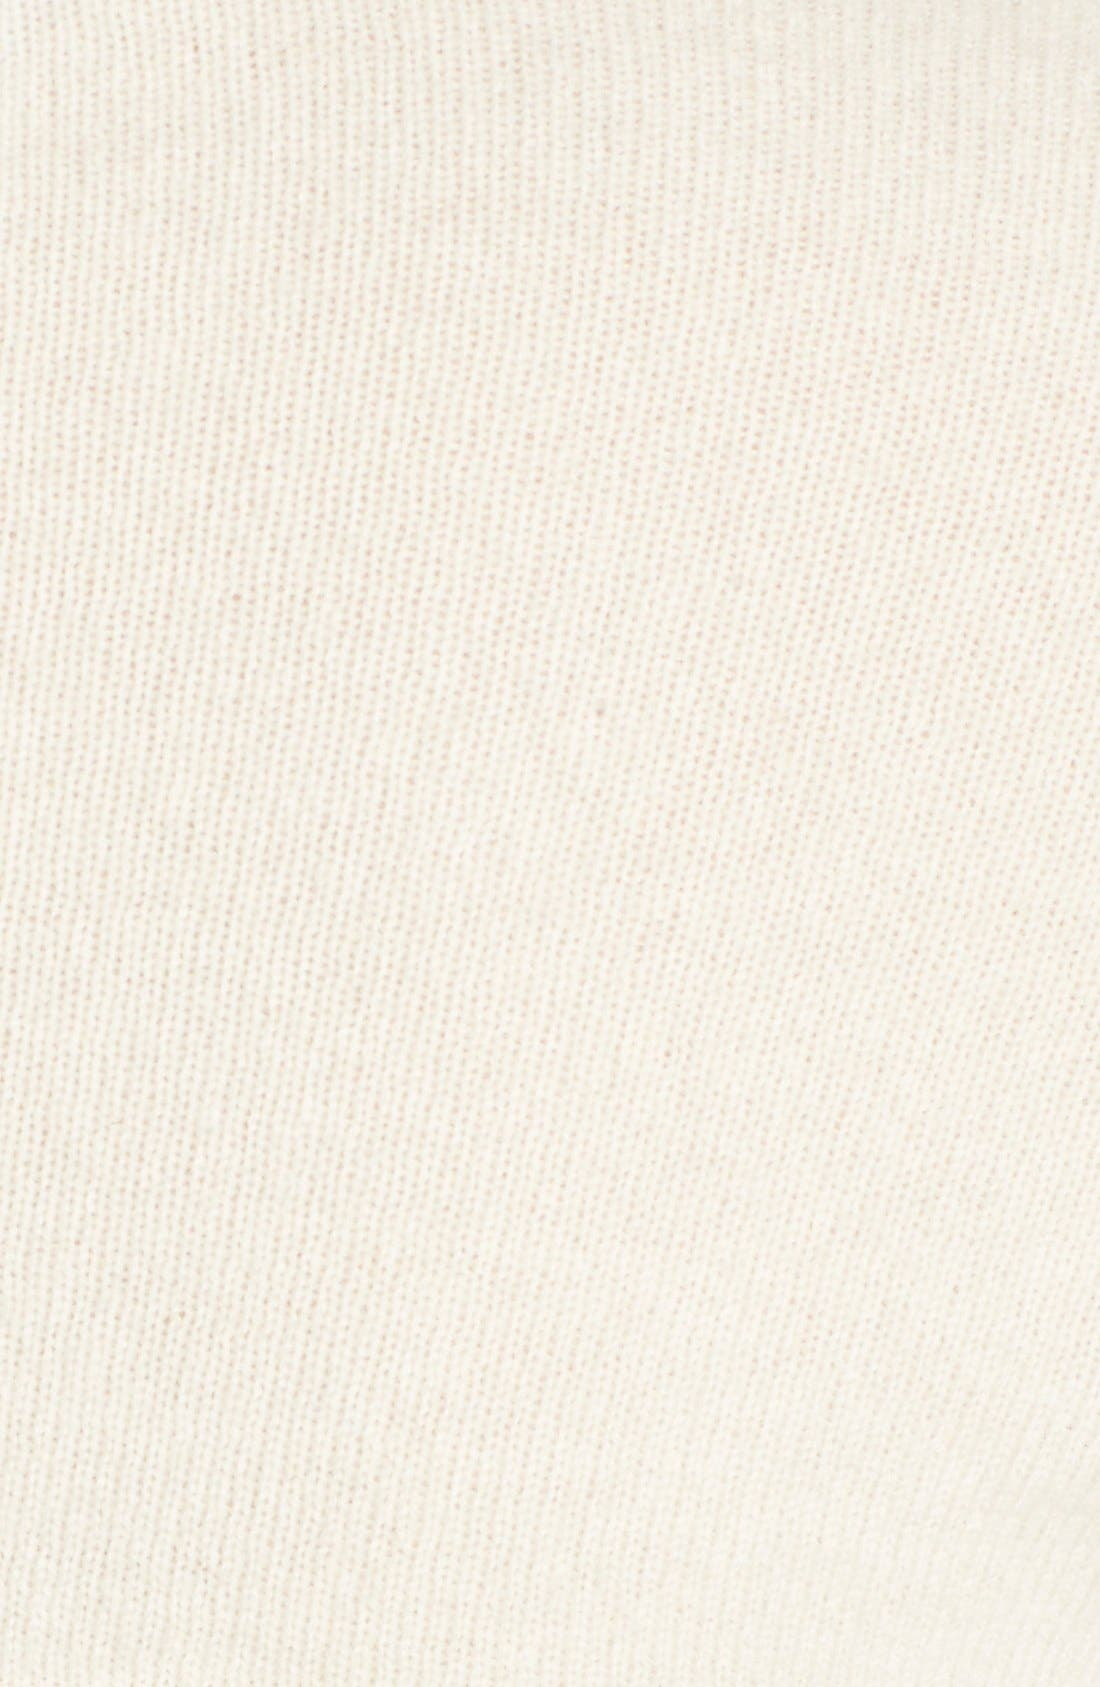 Mini Cashmere Knit Shrug,                             Alternate thumbnail 5, color,                             Ivory